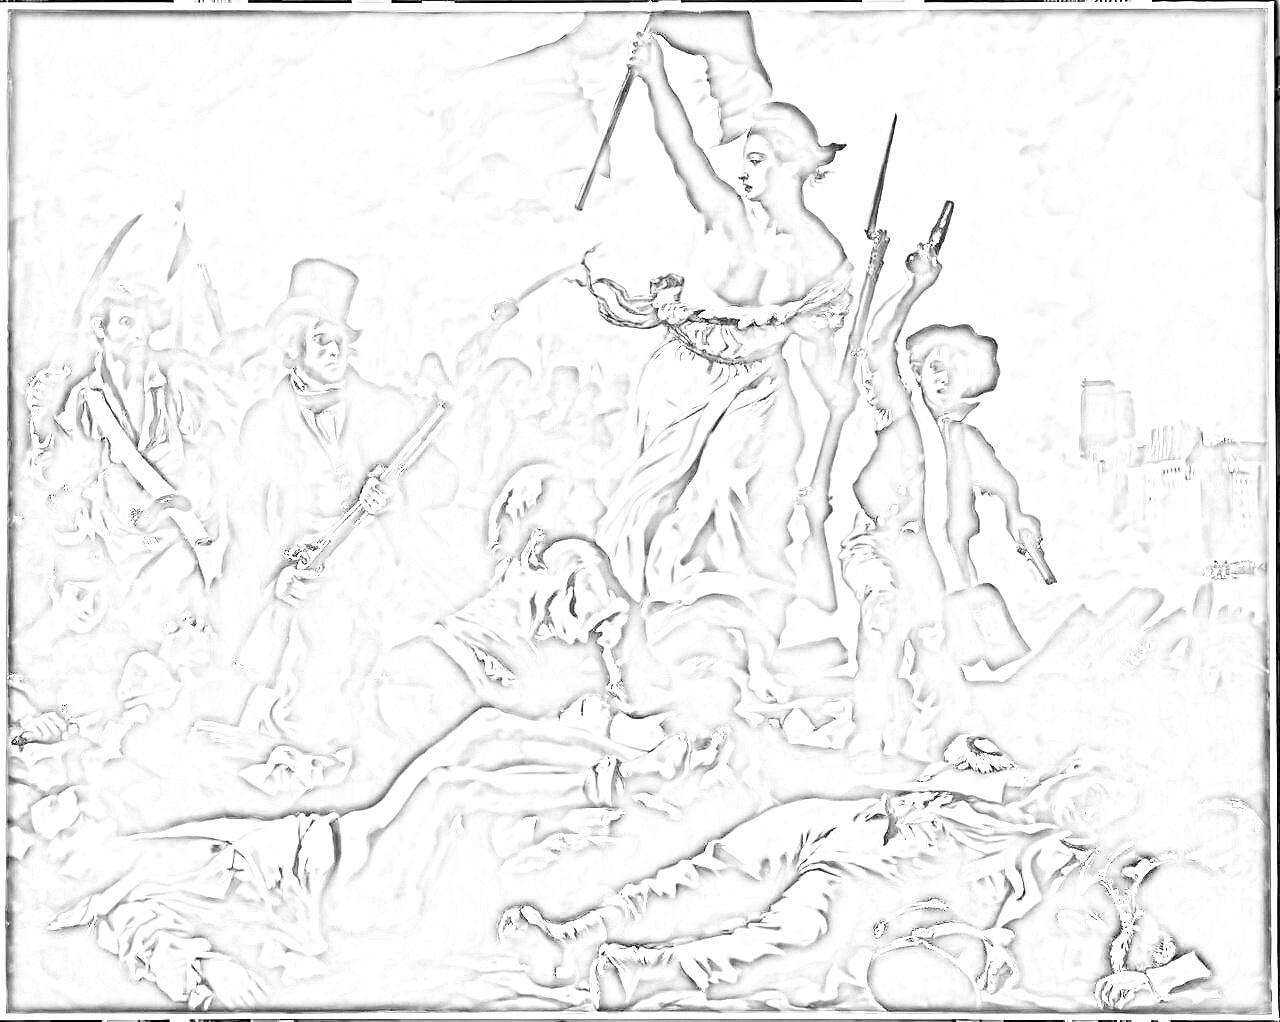 ウジェーヌ・ドラクロワ『民衆を導く自由の女神』塗り絵